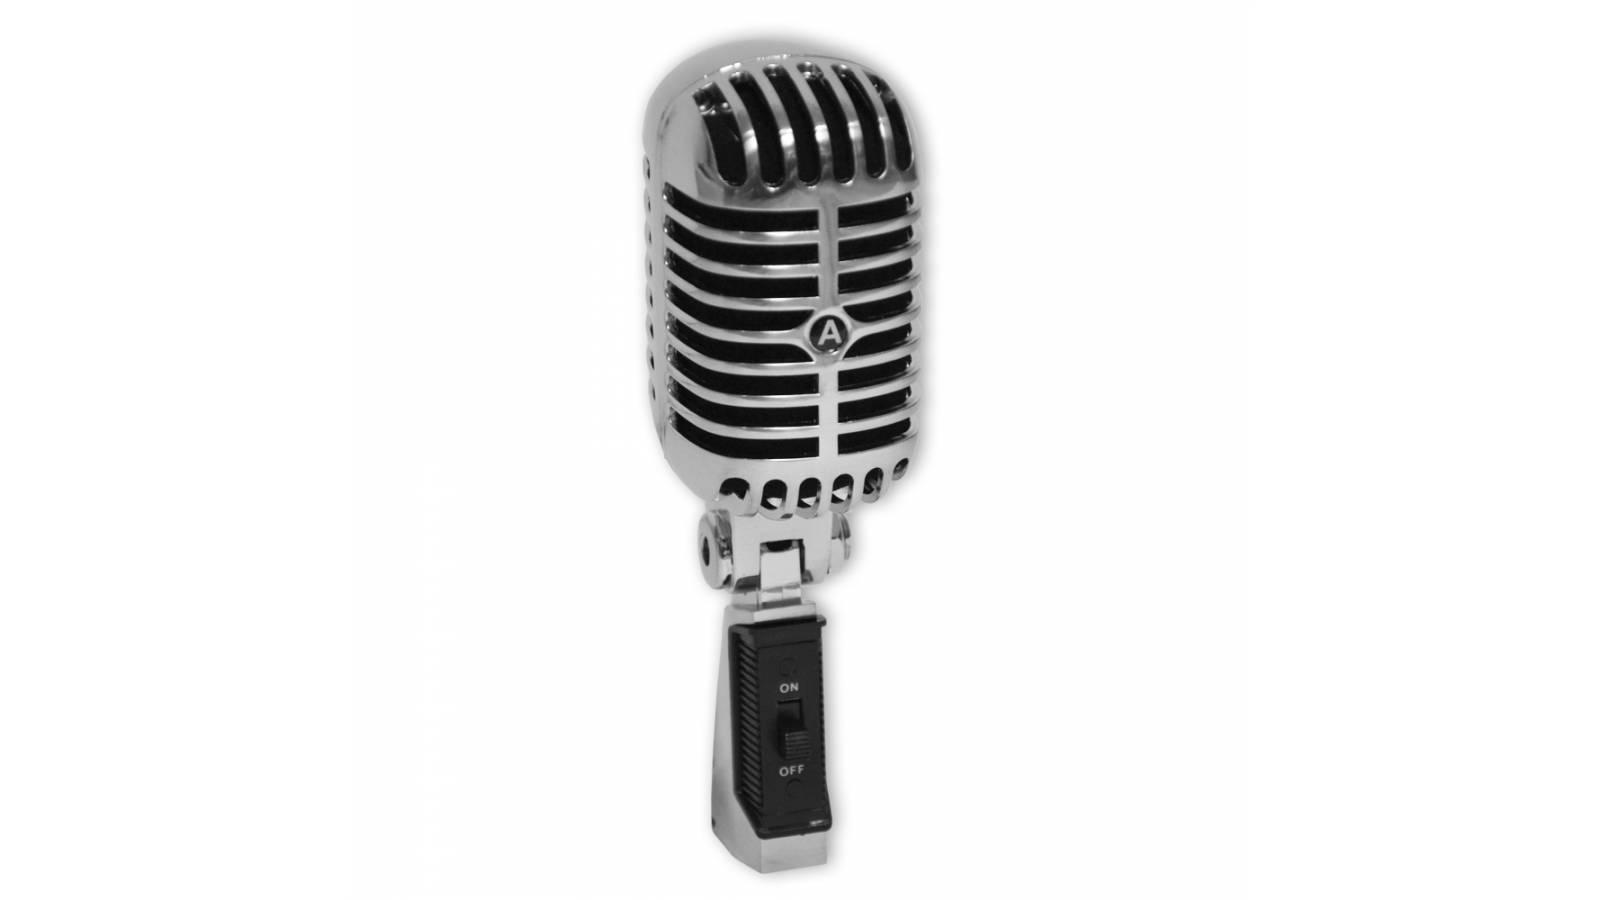 Microfono Multiproposito diseño Retro 50´s GM-55SH Gcm Pro